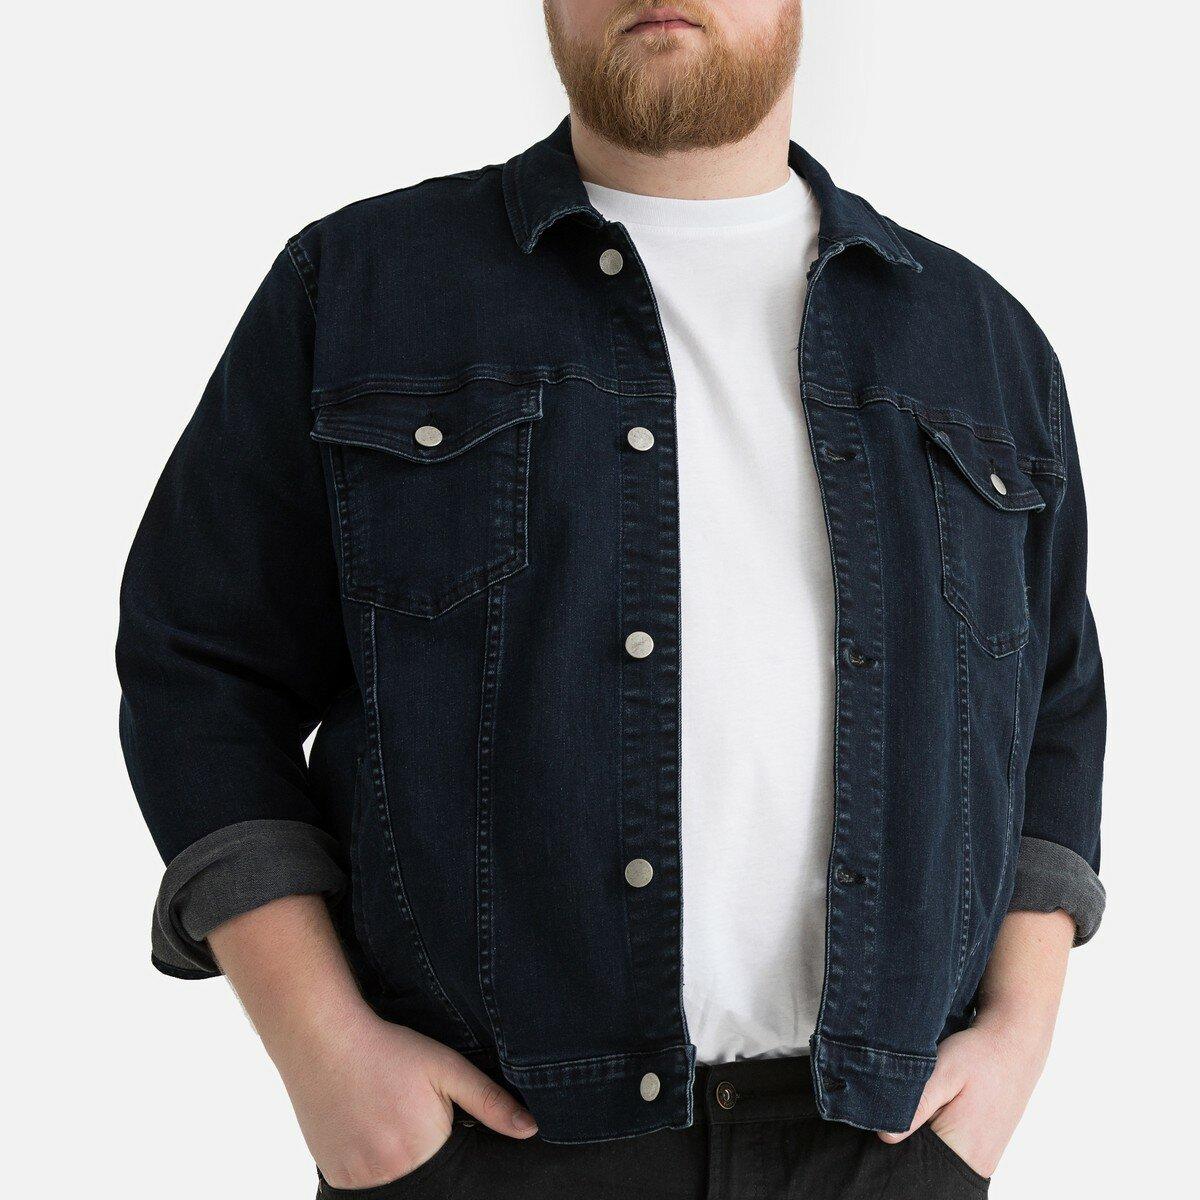 Пиджак для полных мужчин фото